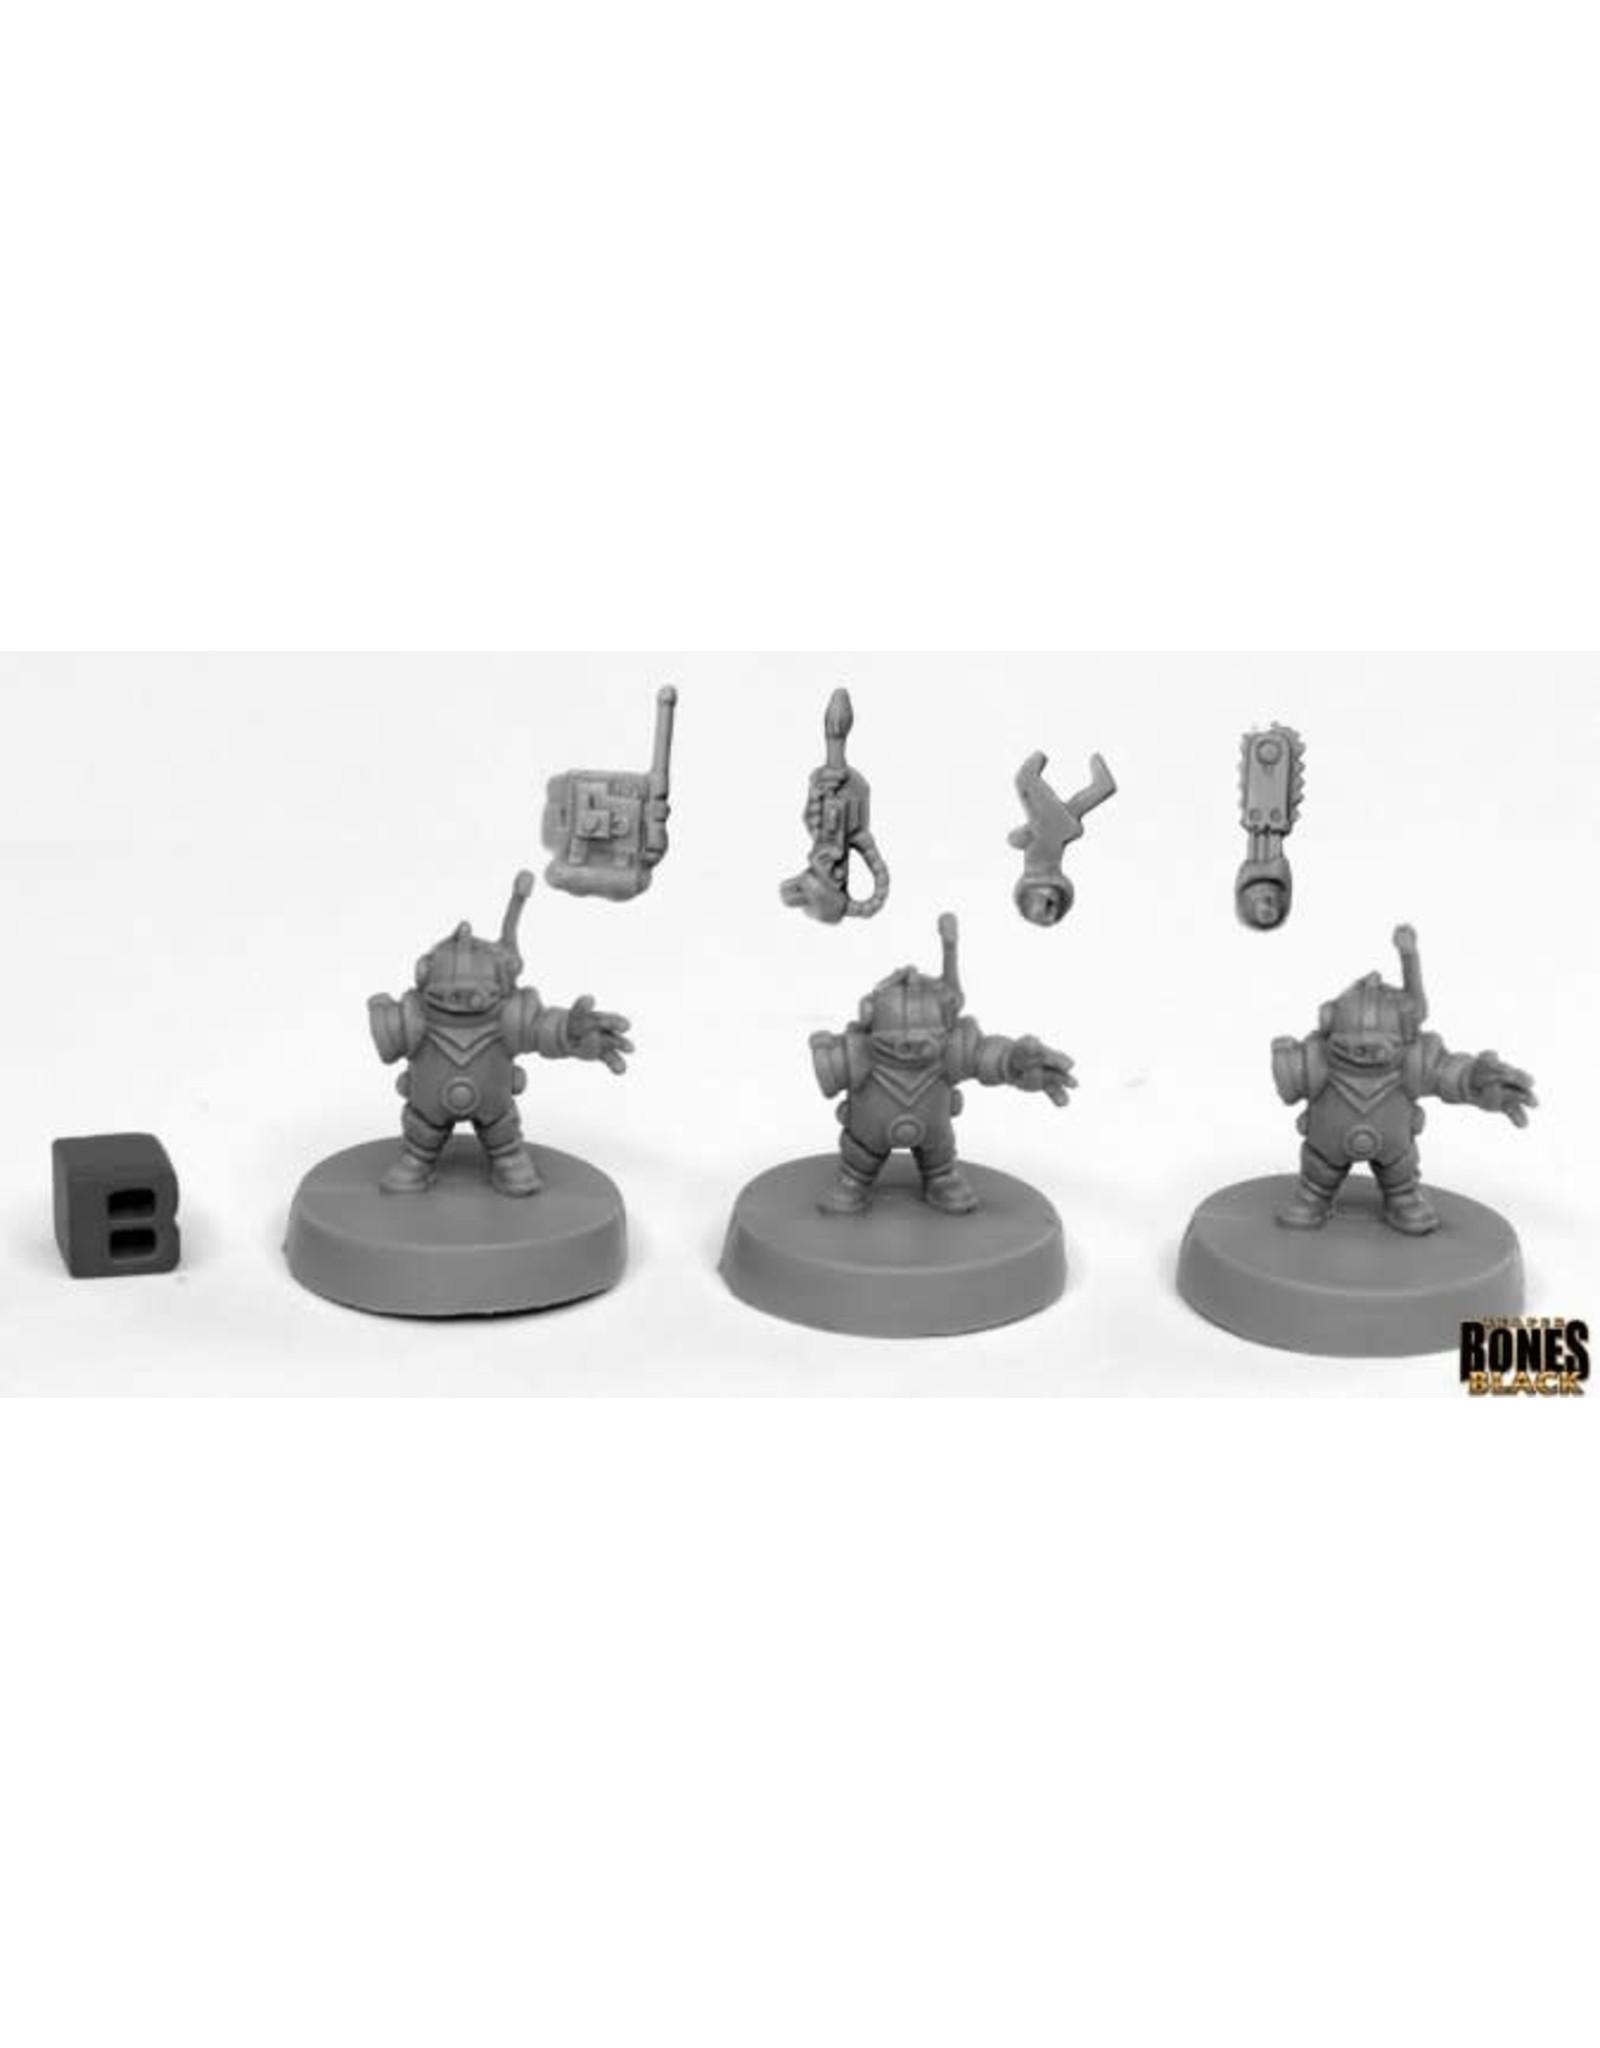 Reaper Miniatures Bones: Toolbots [3]